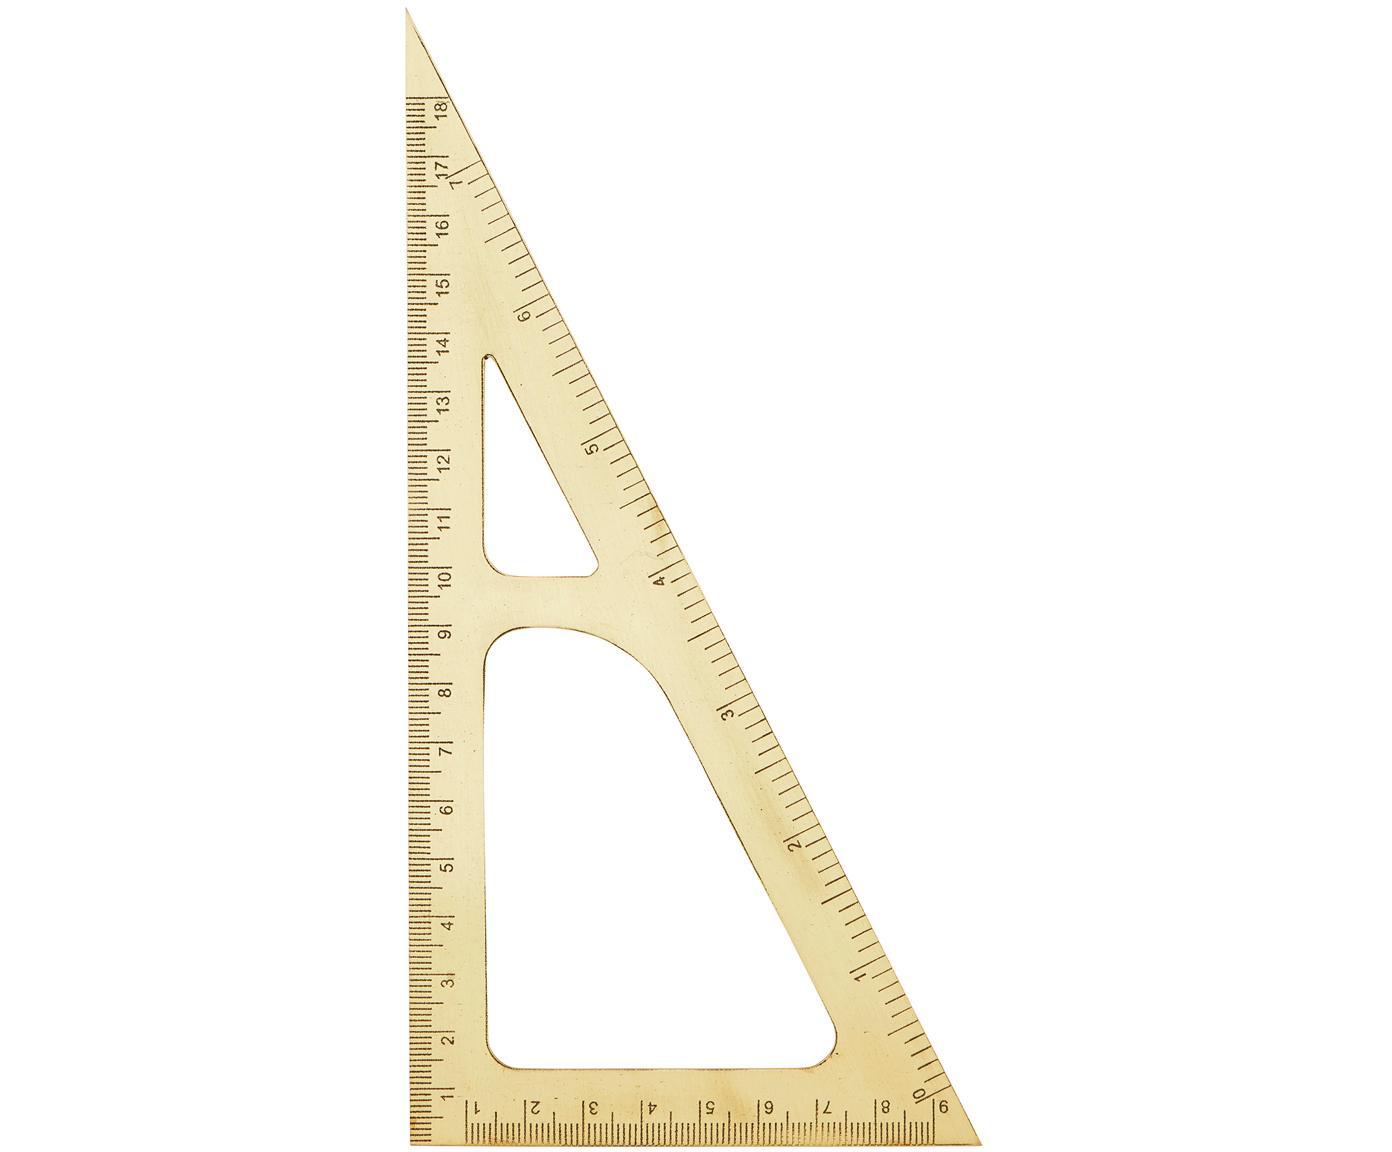 Geodriehoek Ruler, Messing, Messing, L 19 cm